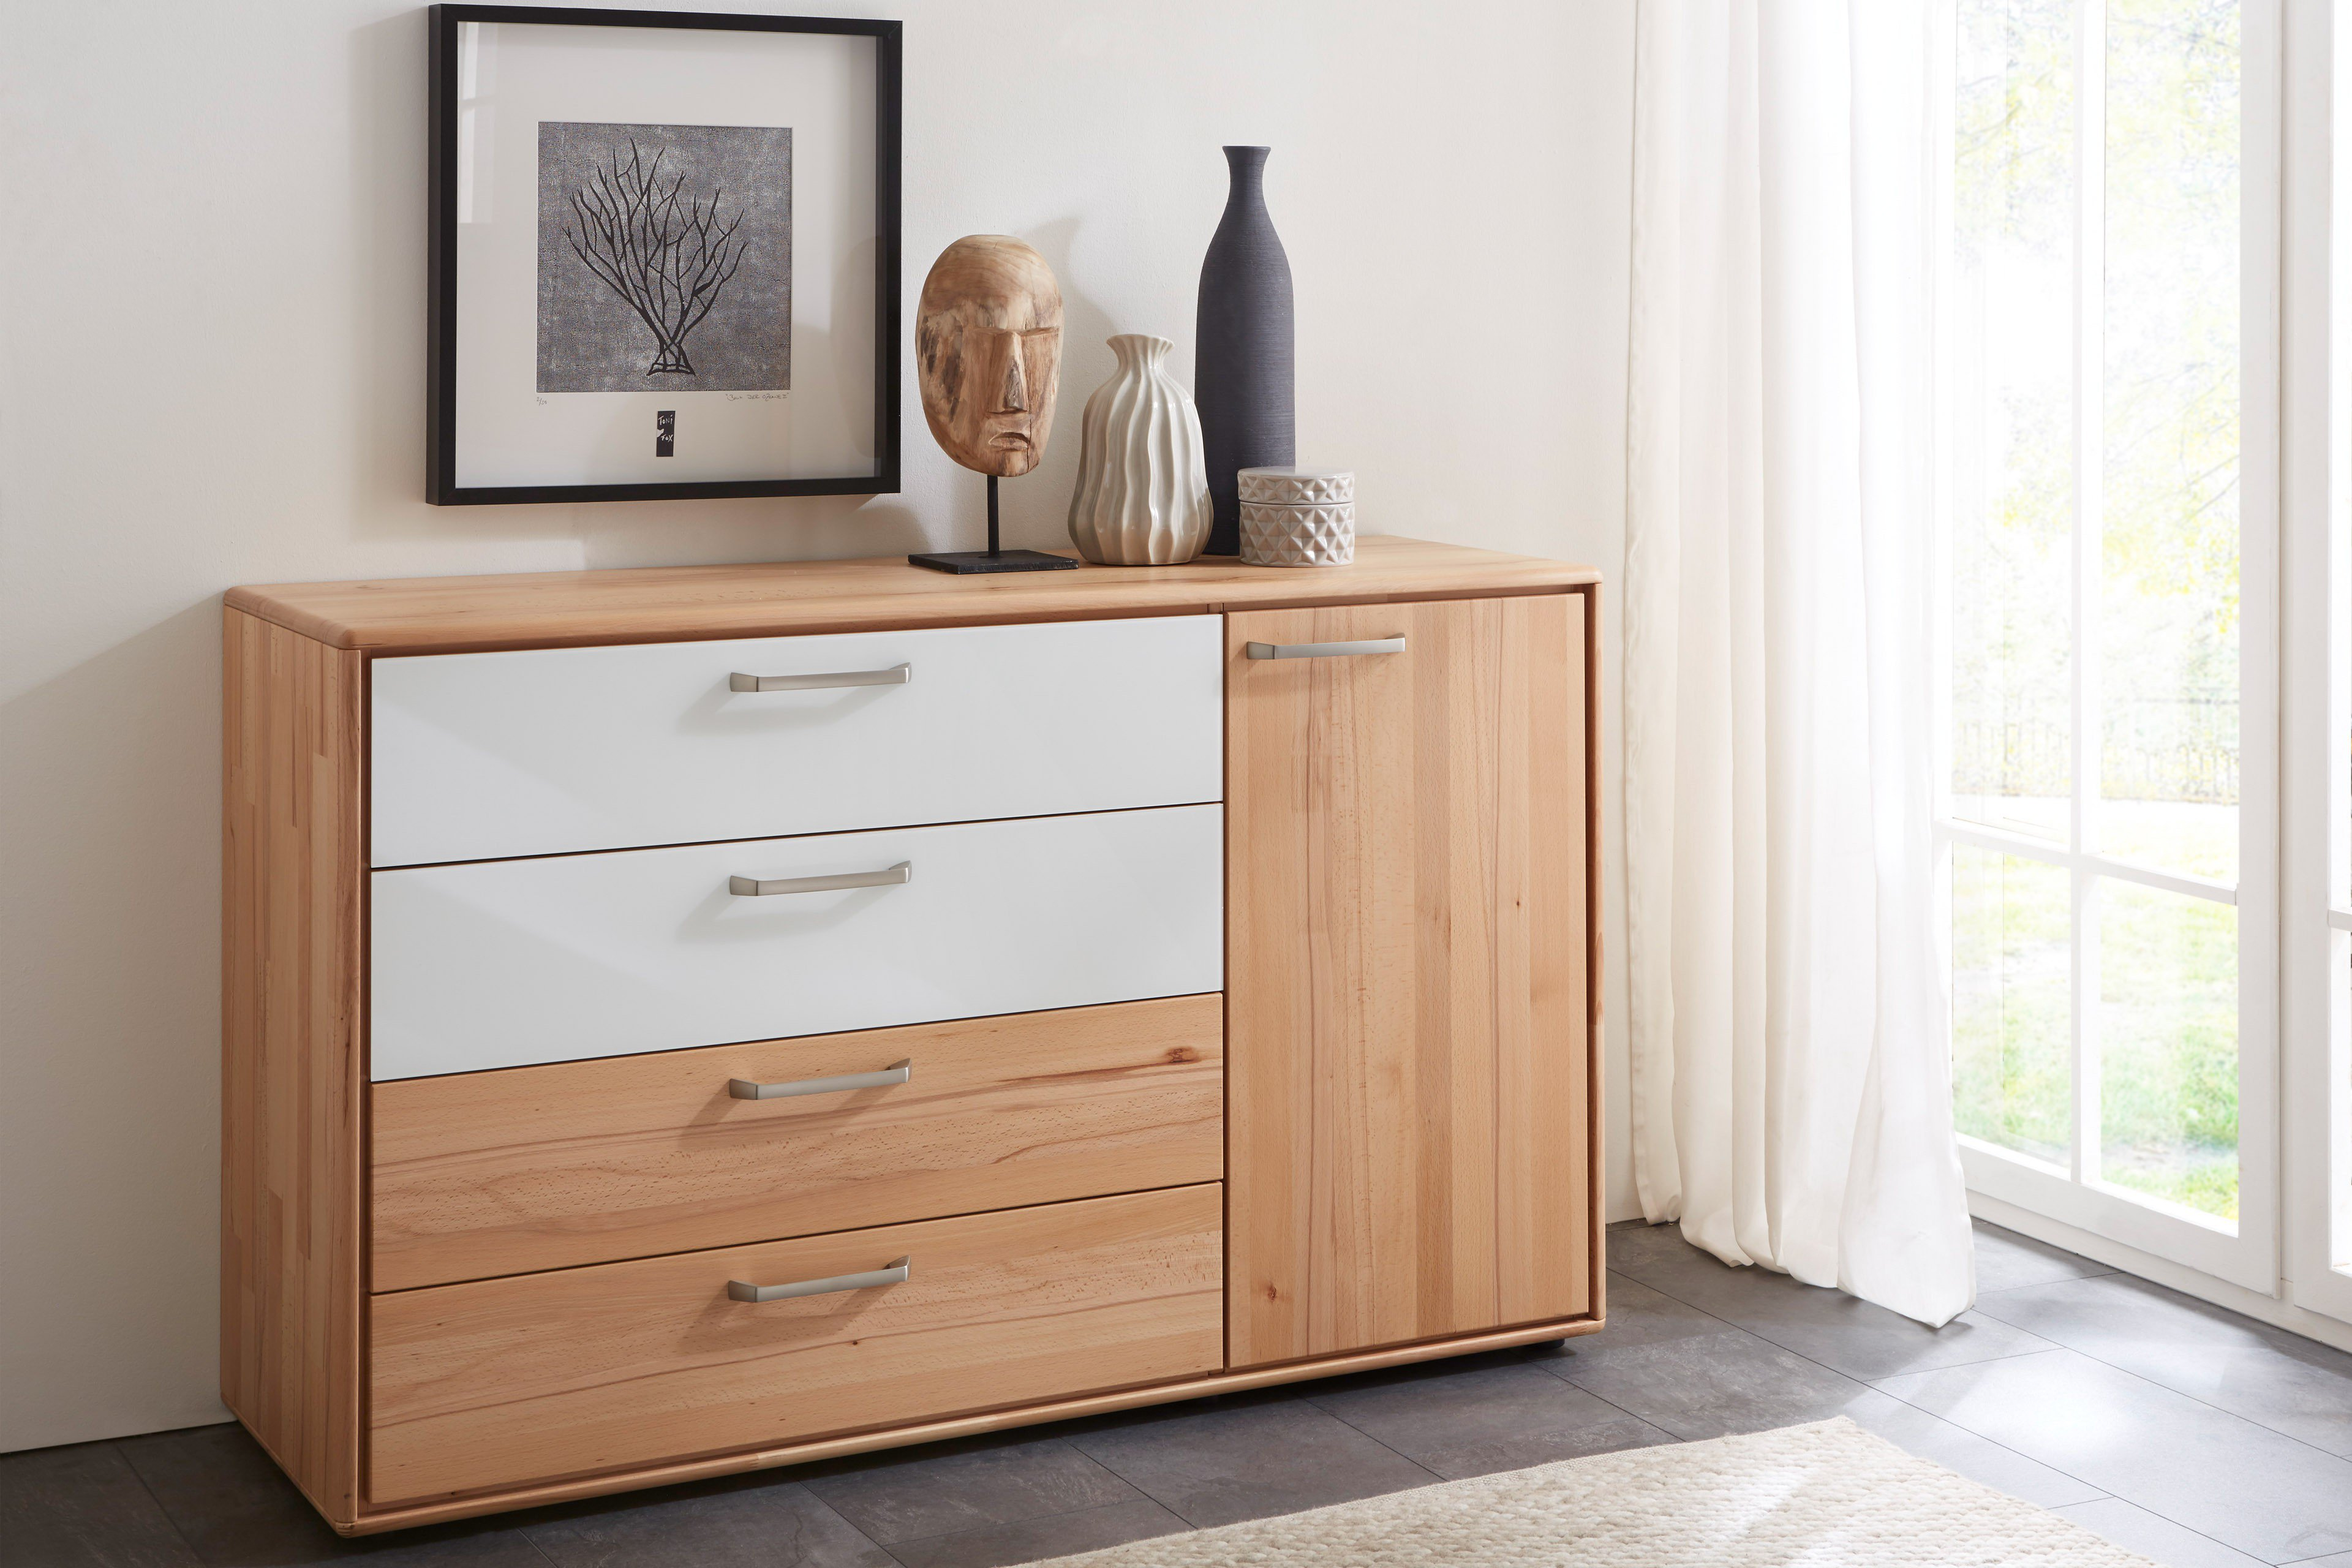 w stmann wsm 1900 kommode kernbuche massiv m bel letz. Black Bedroom Furniture Sets. Home Design Ideas